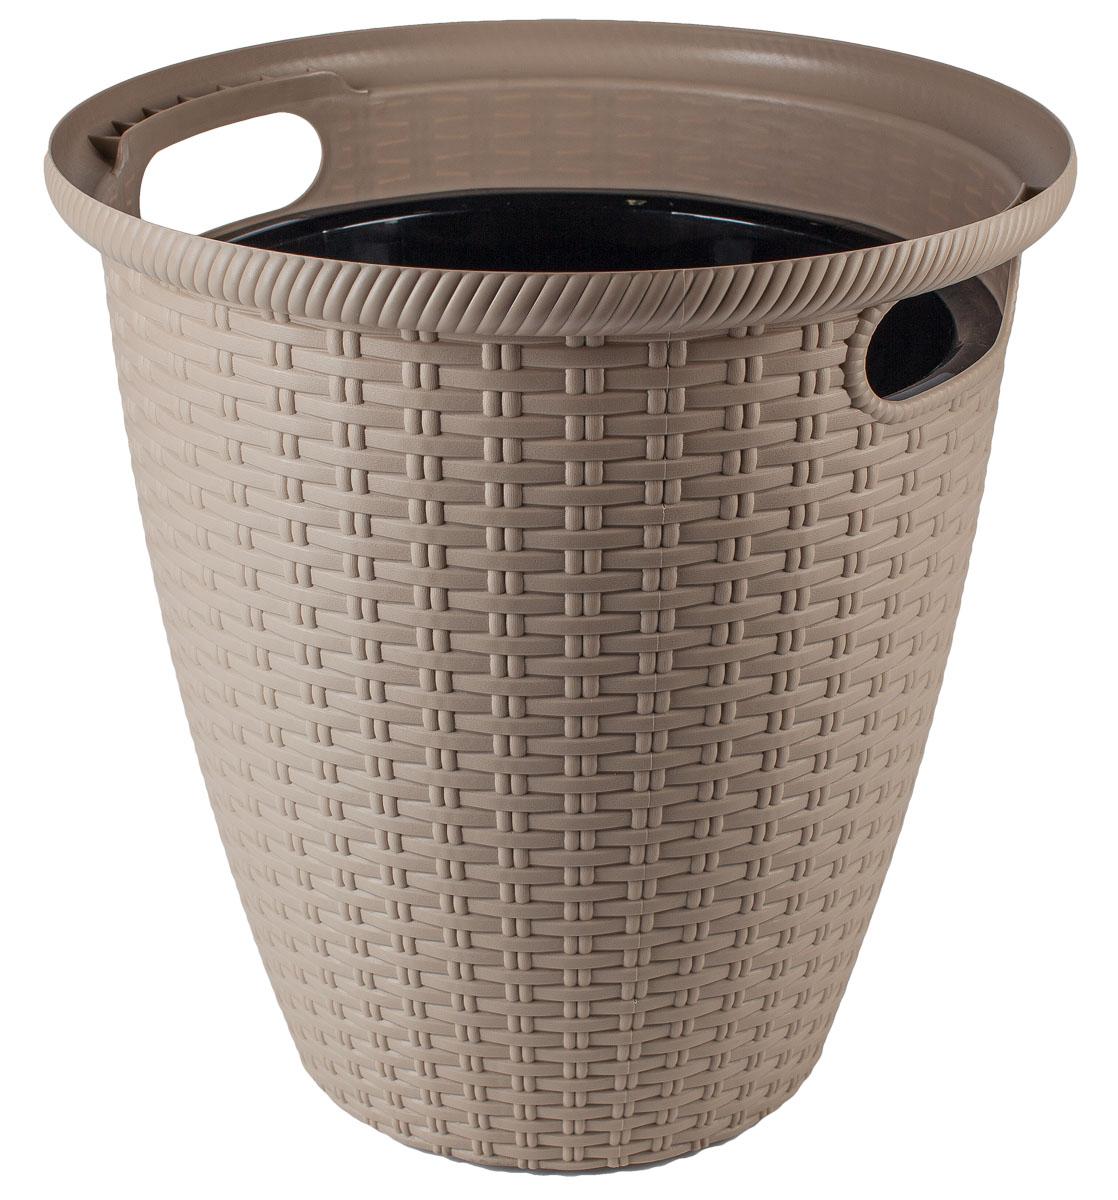 Кашпо InGreen Ротанг, напольное, цвет: шоколадный, диаметр 32,8 см391602Кашпо InGreen Ротанг изготовлено из высококачественного пластика с плетеной текстурой. Такое кашпо прекрасно подойдет для выращивания растений и цветов в домашних условиях. Лаконичный дизайн впишется в интерьер любого помещения. Размер кашпо: 32,8 х 32,8 х 33 см.